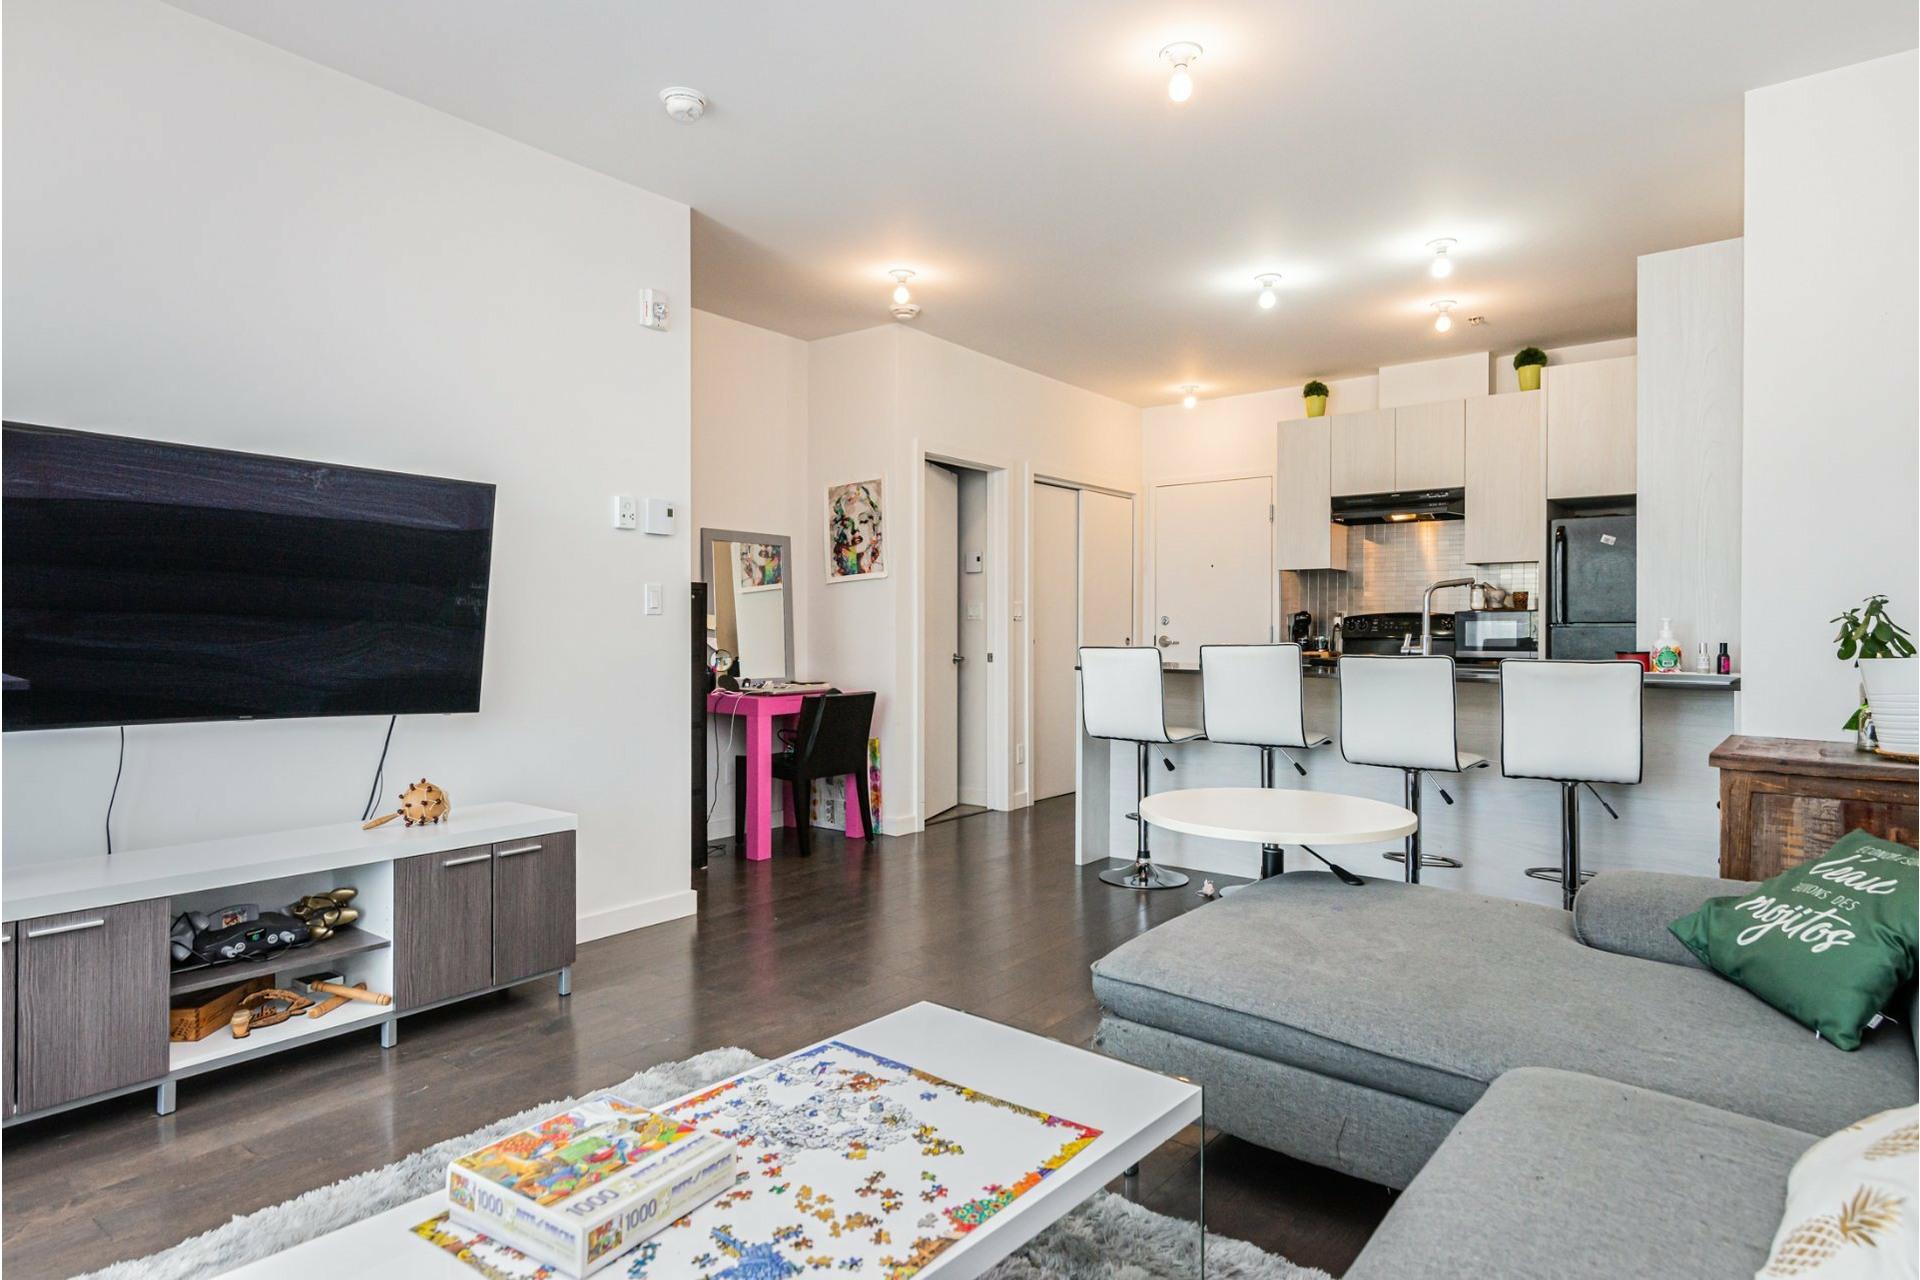 image 16 - Apartment For sale Lachine Montréal  - 4 rooms